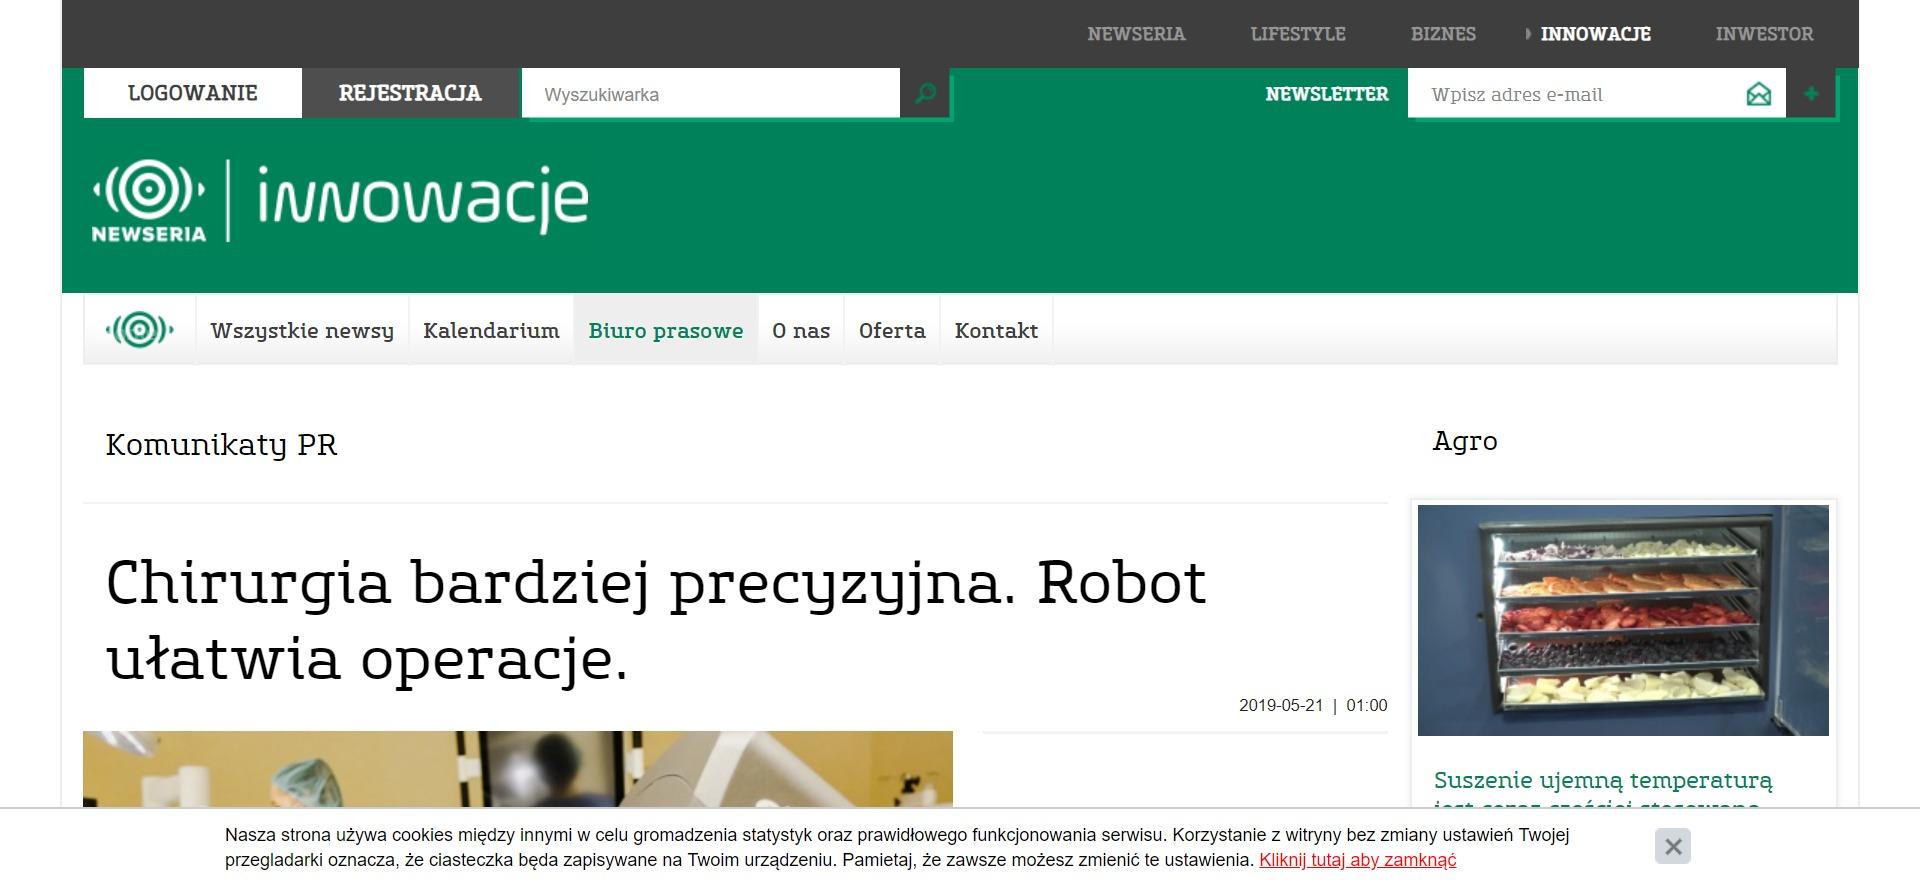 Chirurgia bardziej precyzyjna. Robot ułatwia operacje.